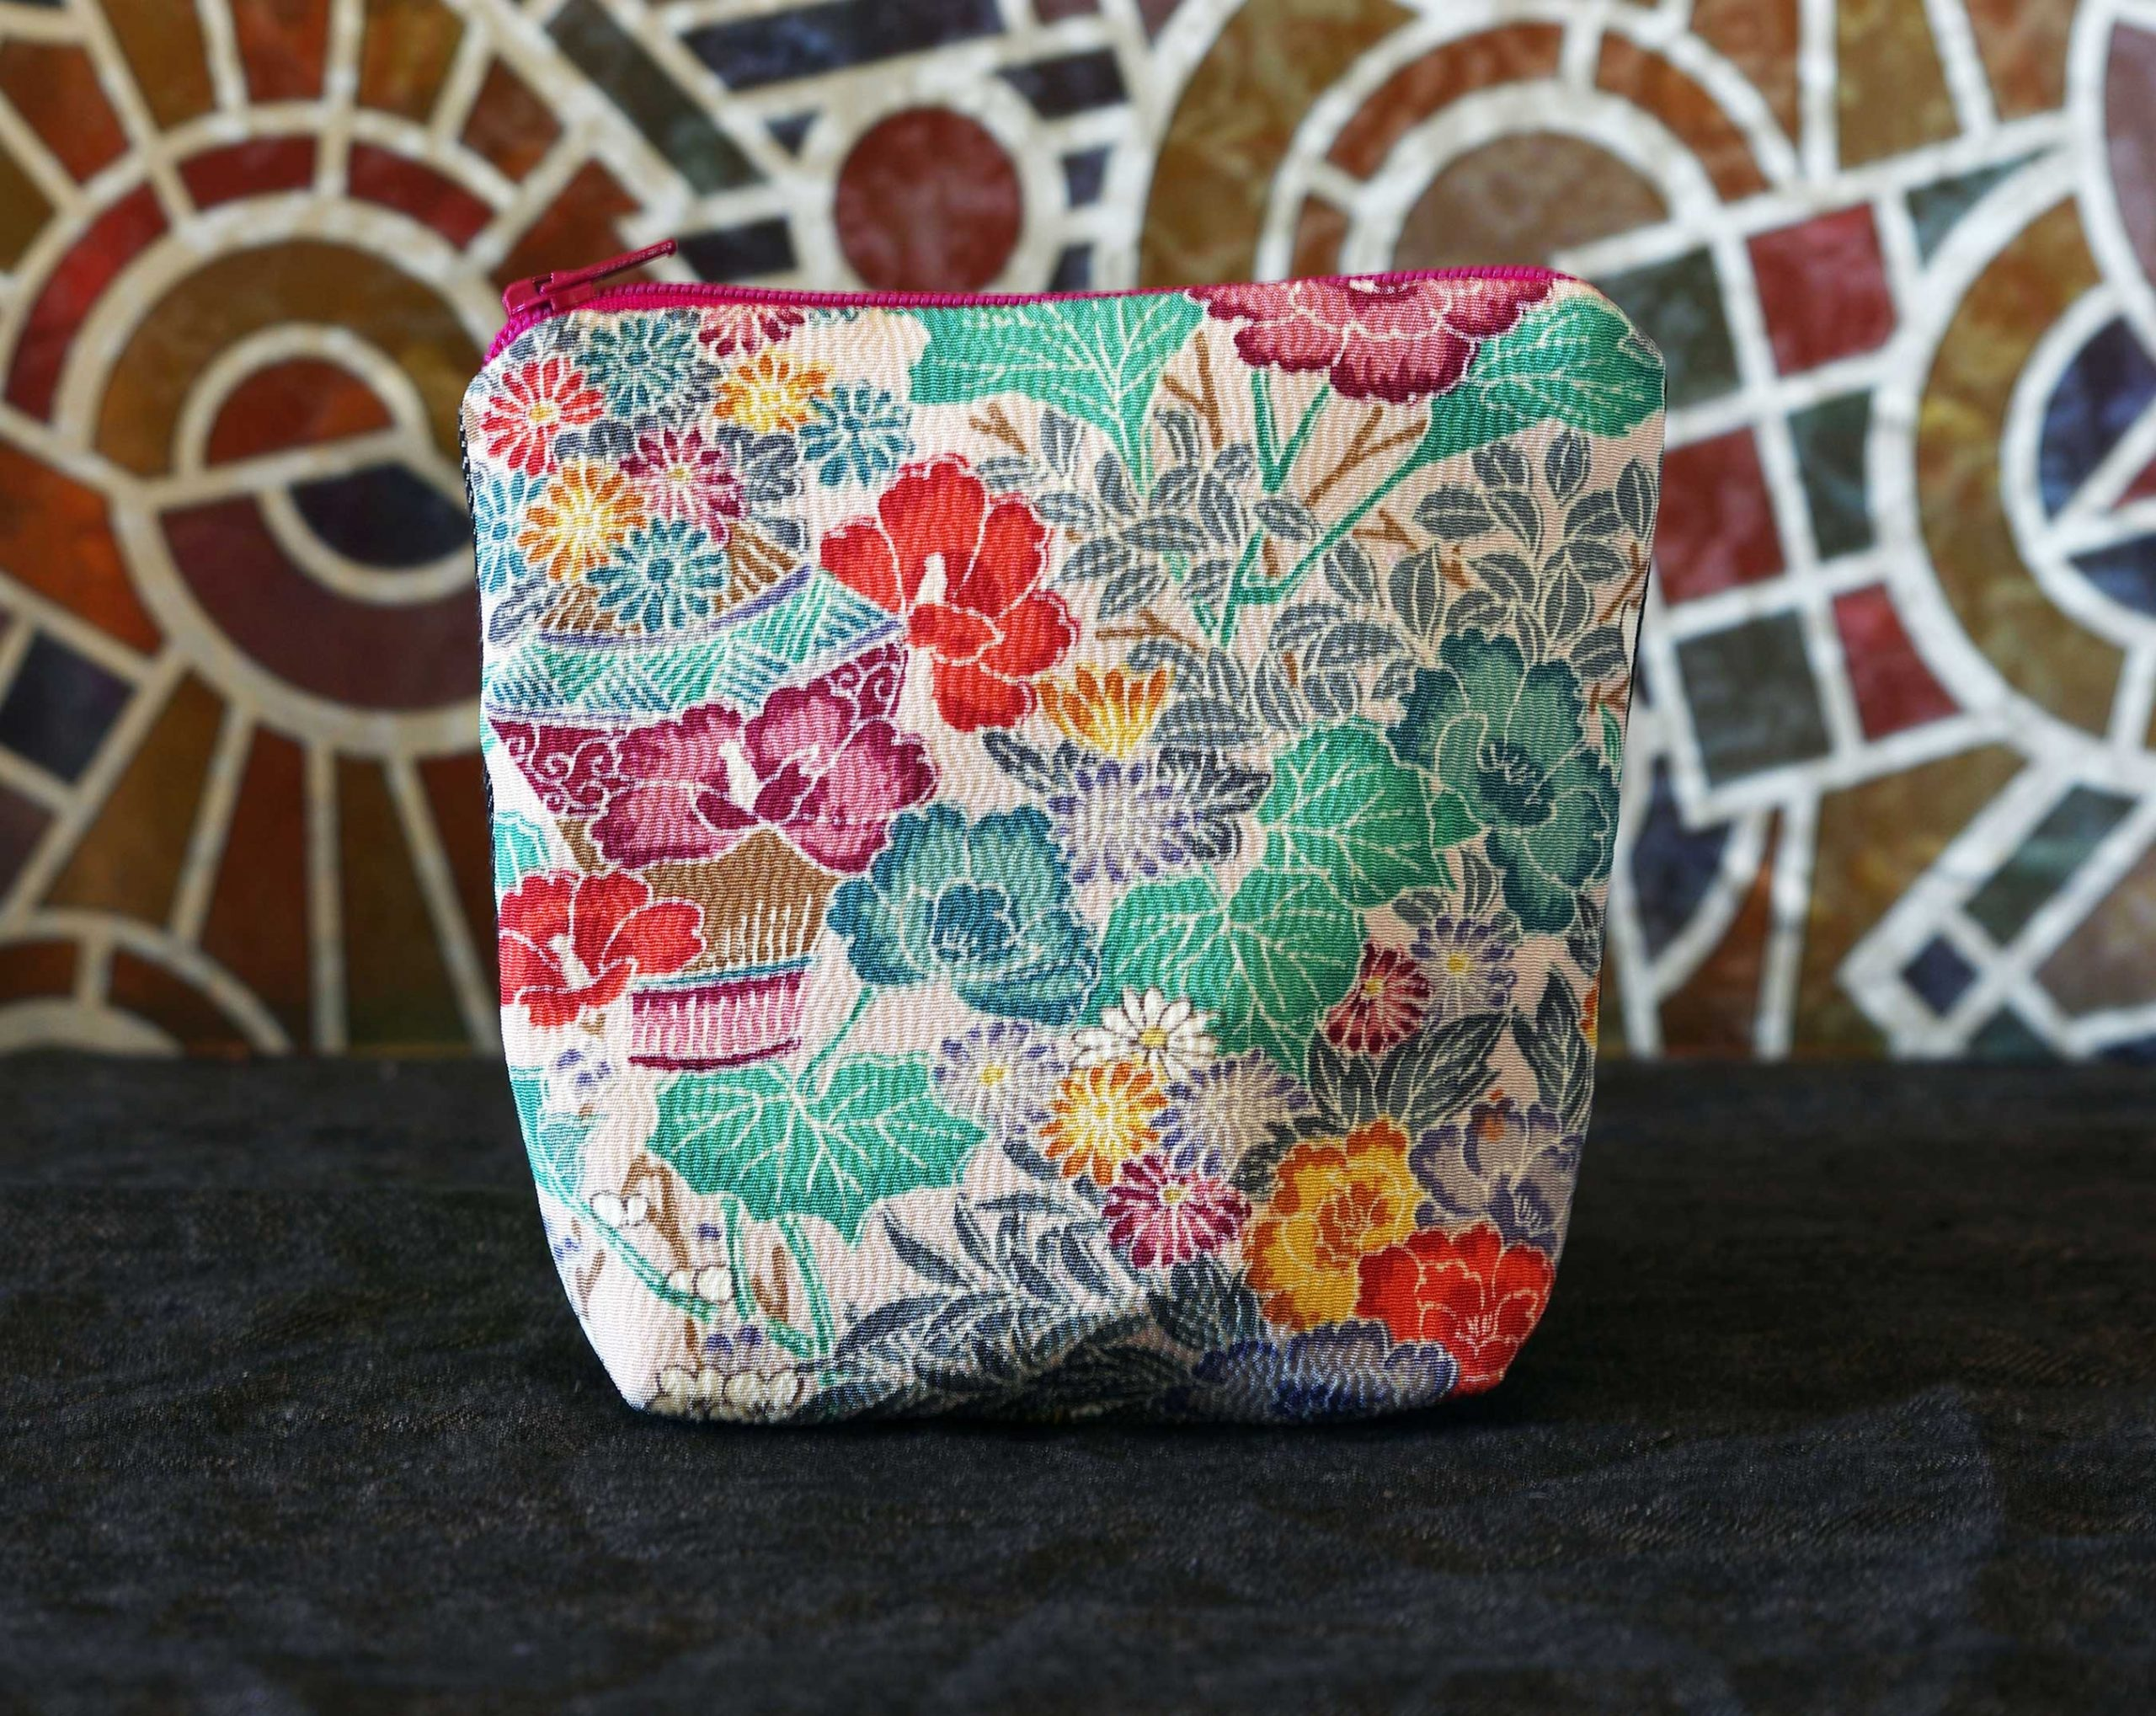 Kiku_pochette_en soie_kimono_vintage 4135AWEB